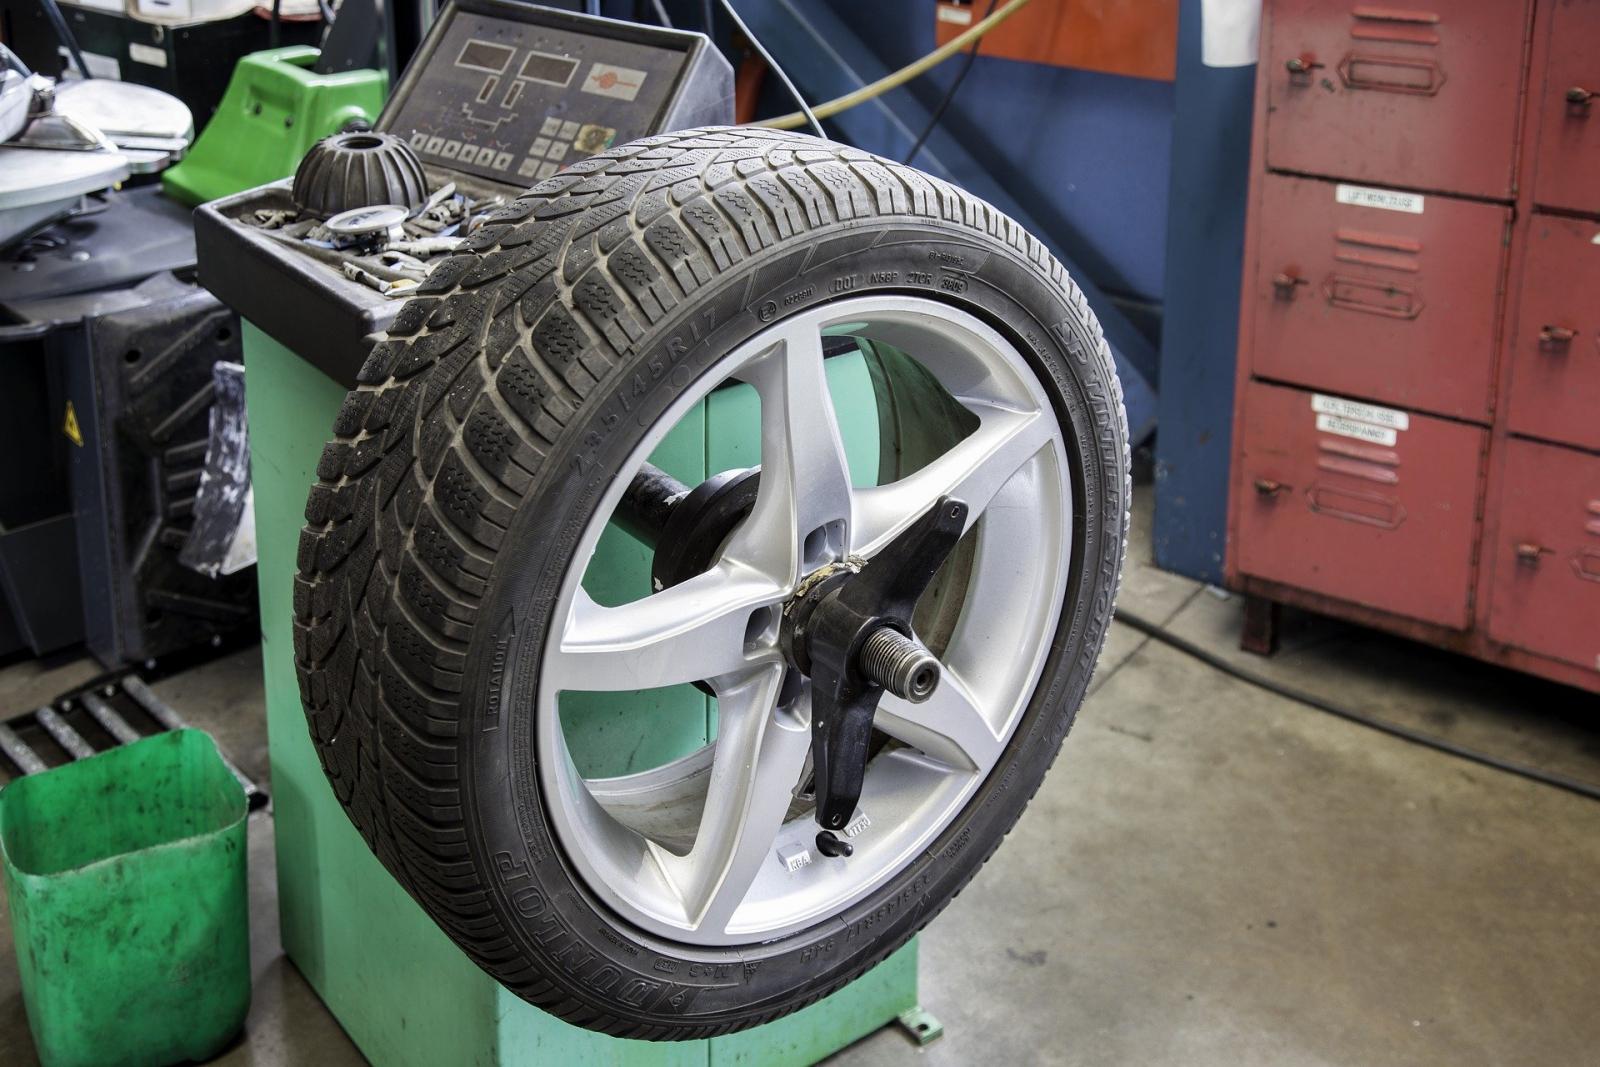 【汽車專知】輪胎也需要保養嗎?該怎麼保養輪胎呢?